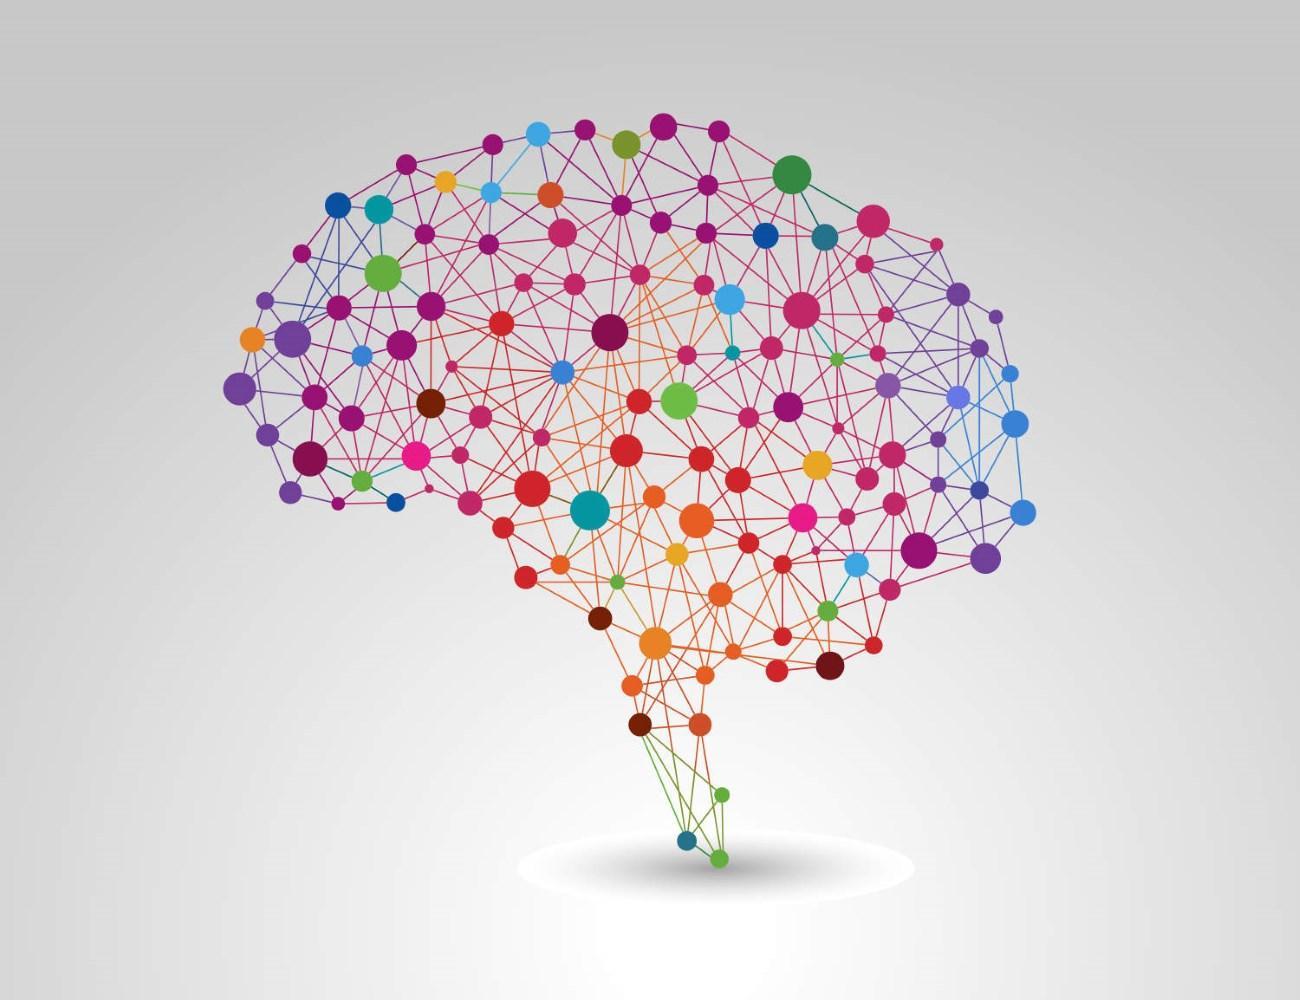 как с помощью игры создать 3D-схему мозга